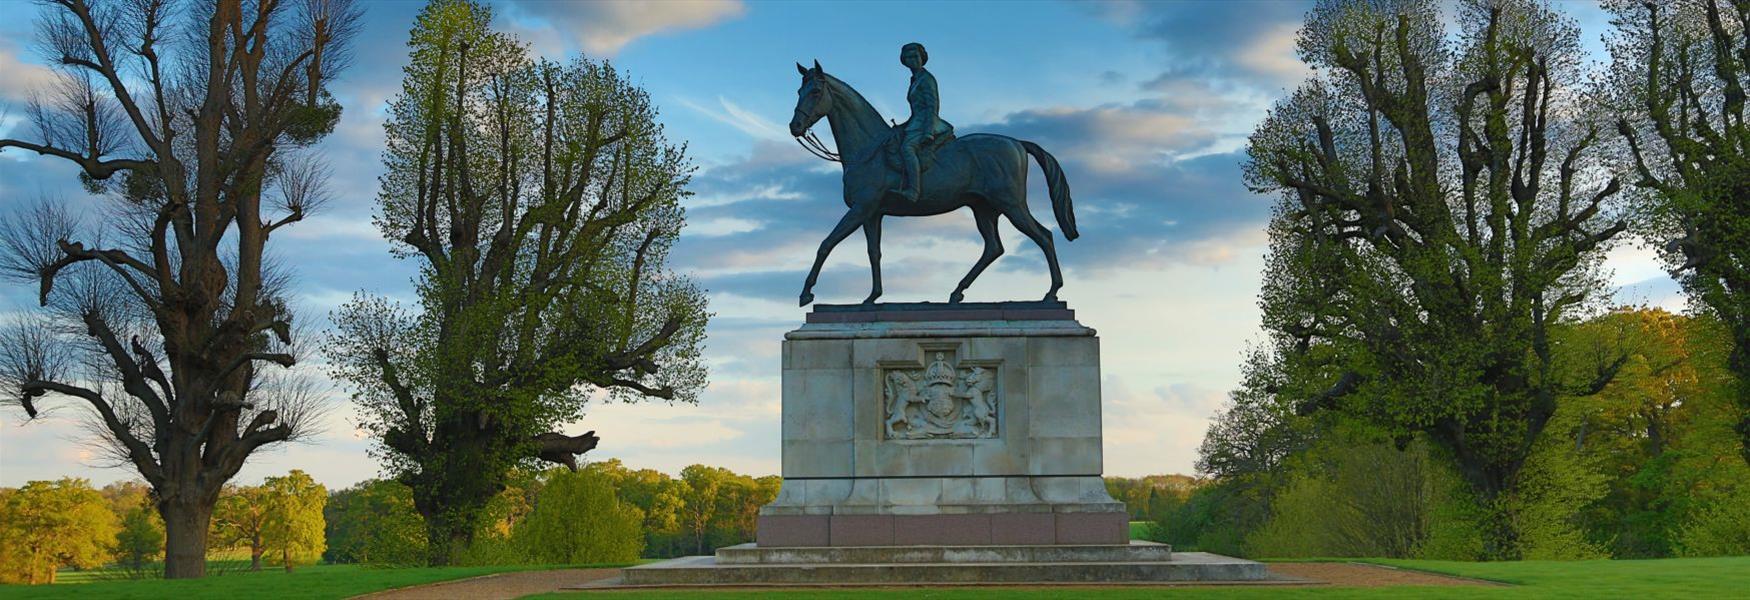 Windsor Great Park Jubilee Statue of The Queen